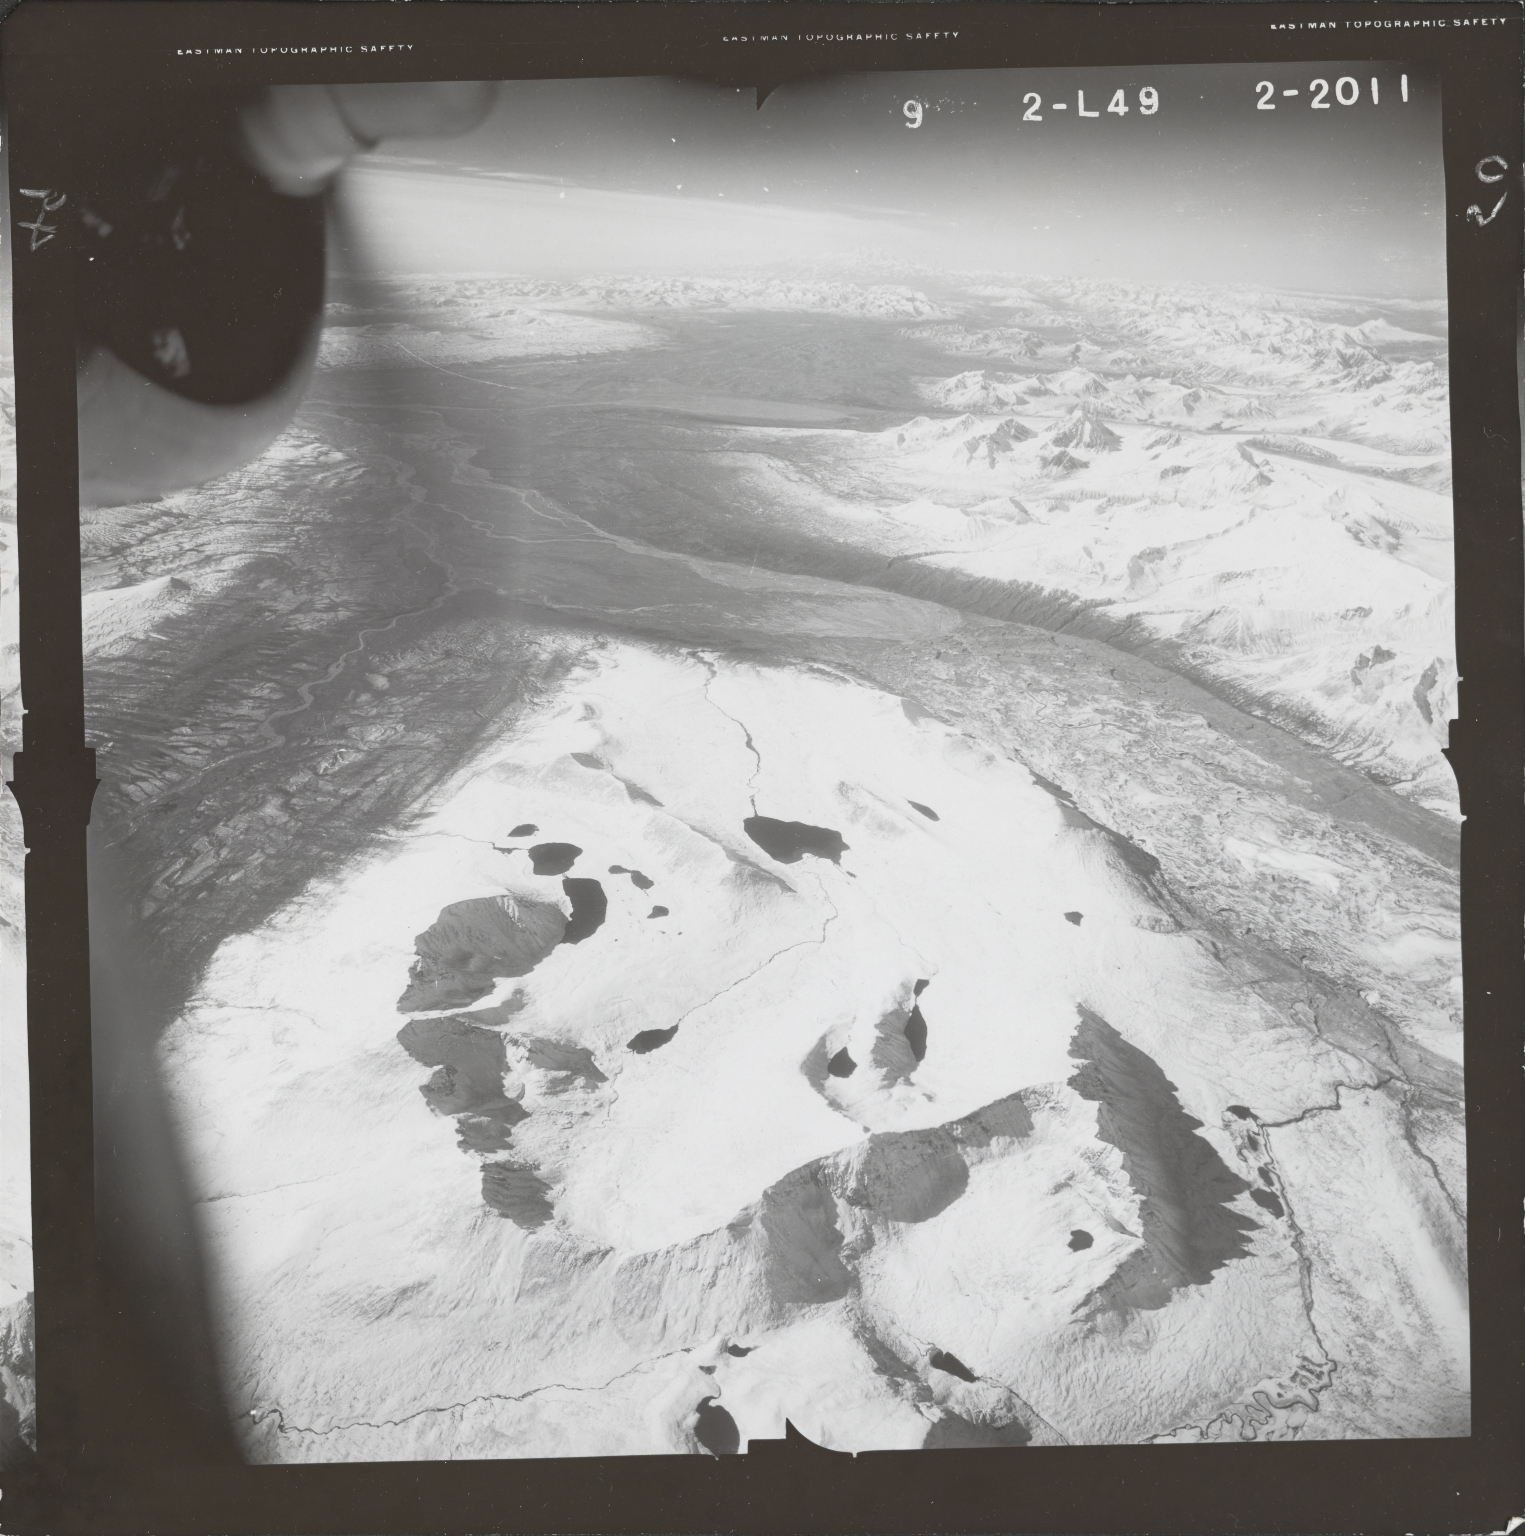 Susitna Glacier, aerial photograph FL 80 L-49, Alaska